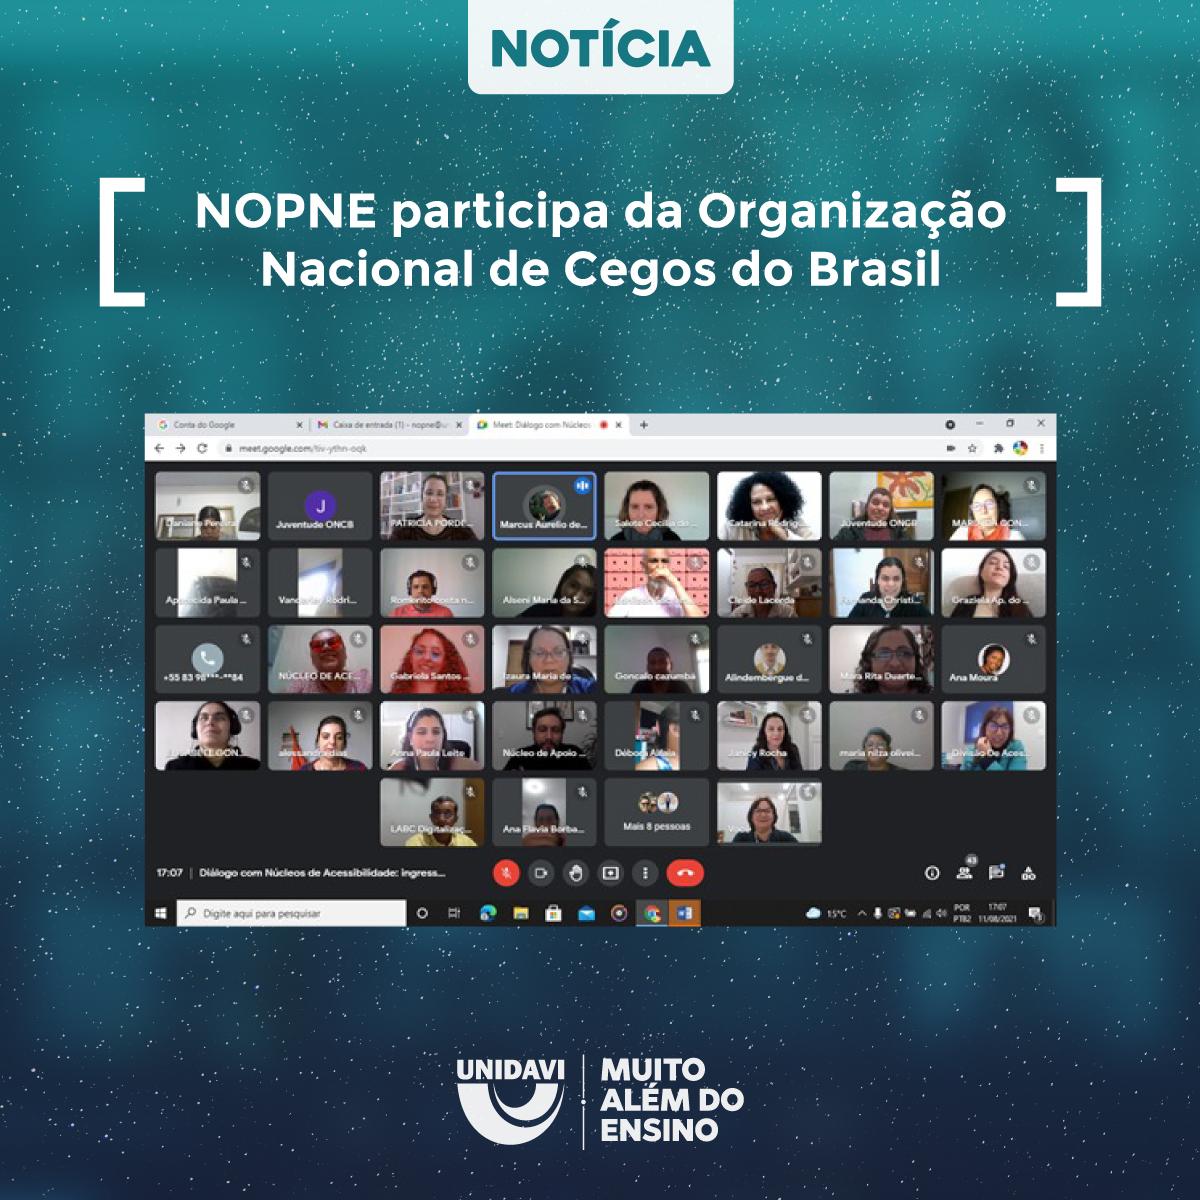 NOPNE participa da Organização Nacional de Cegos do Brasil